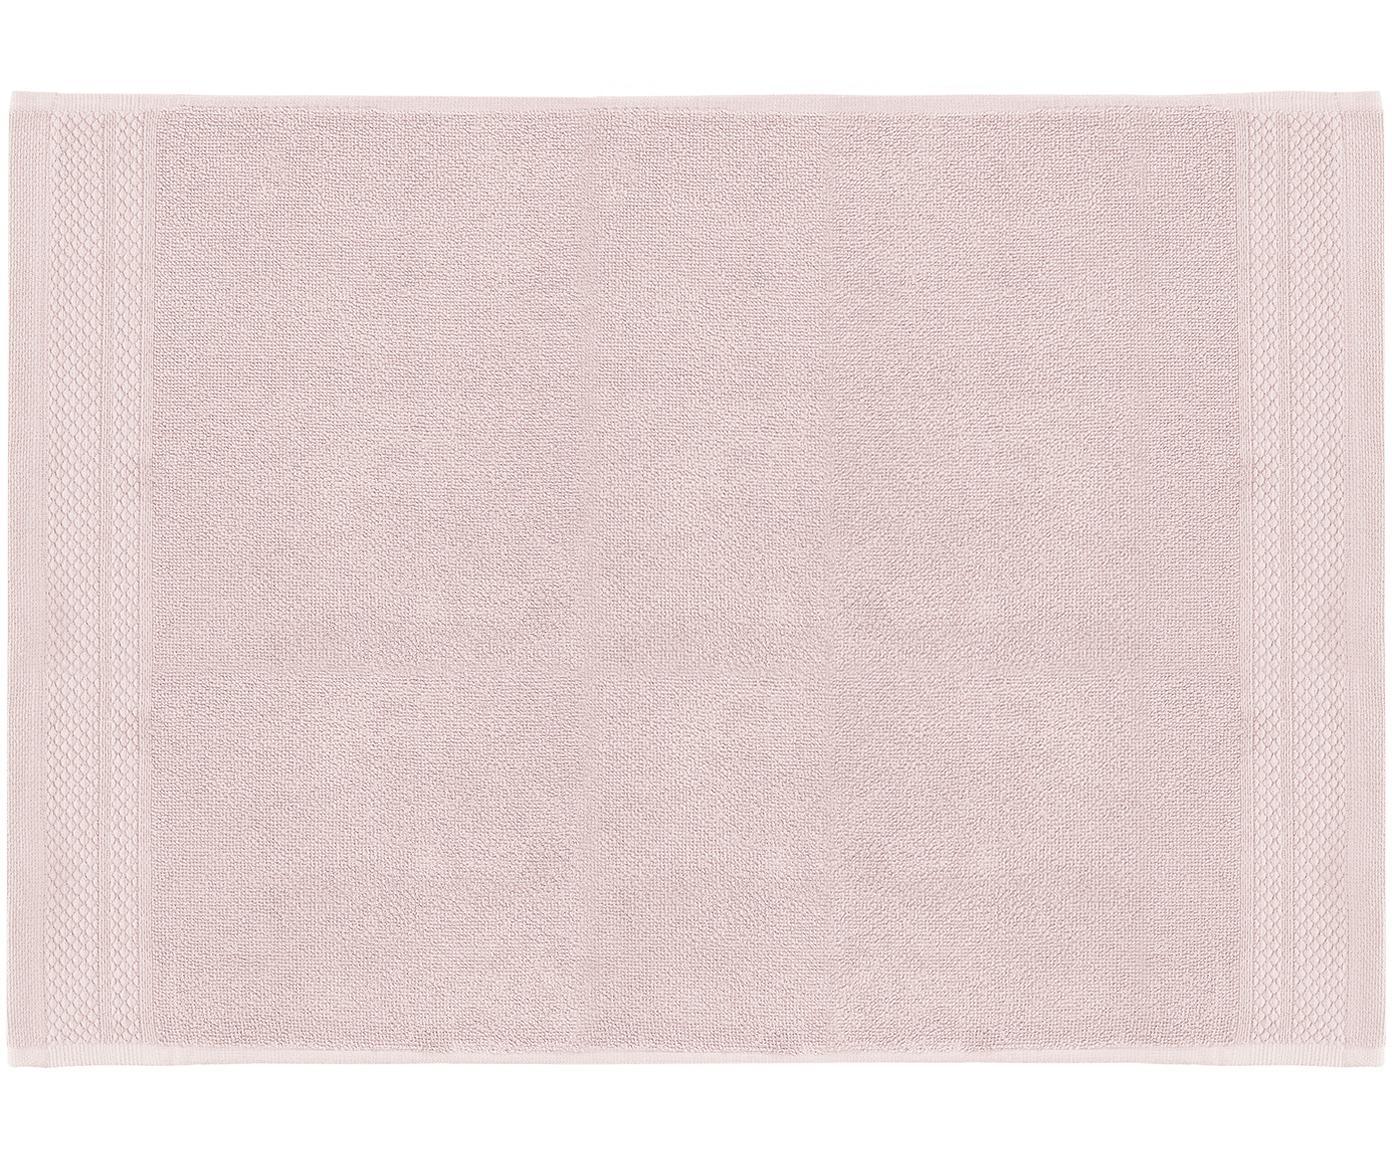 Mata łazienkowa Premium, 100% bawełna, wysoka jakość 600 g/m², Brudny różowy, S 50 x D 70 cm